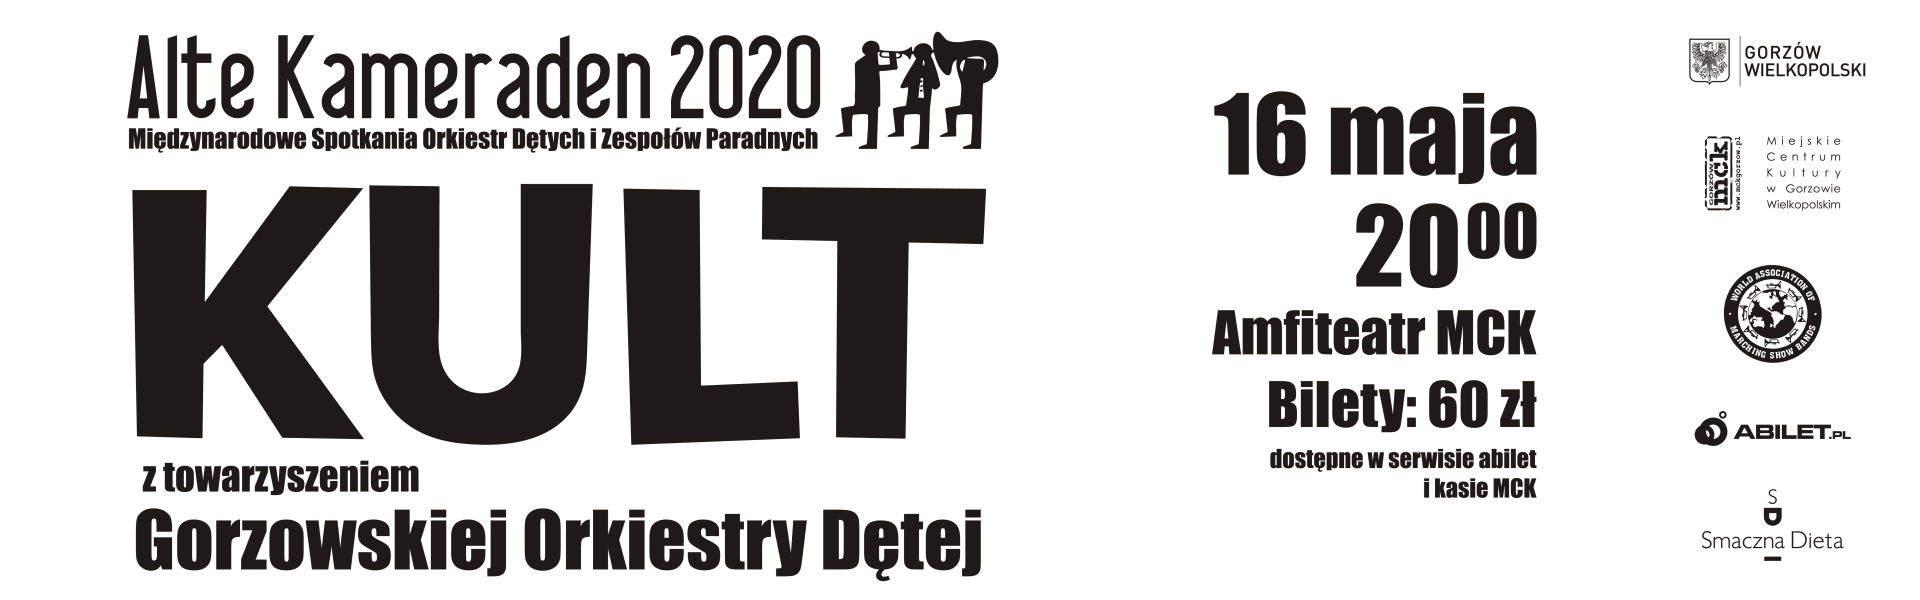 Baner Alte Kameraden 2020 KULT z towarzyszeniem Gorzowskiej Orkiestry Dętej 16 maja 2020